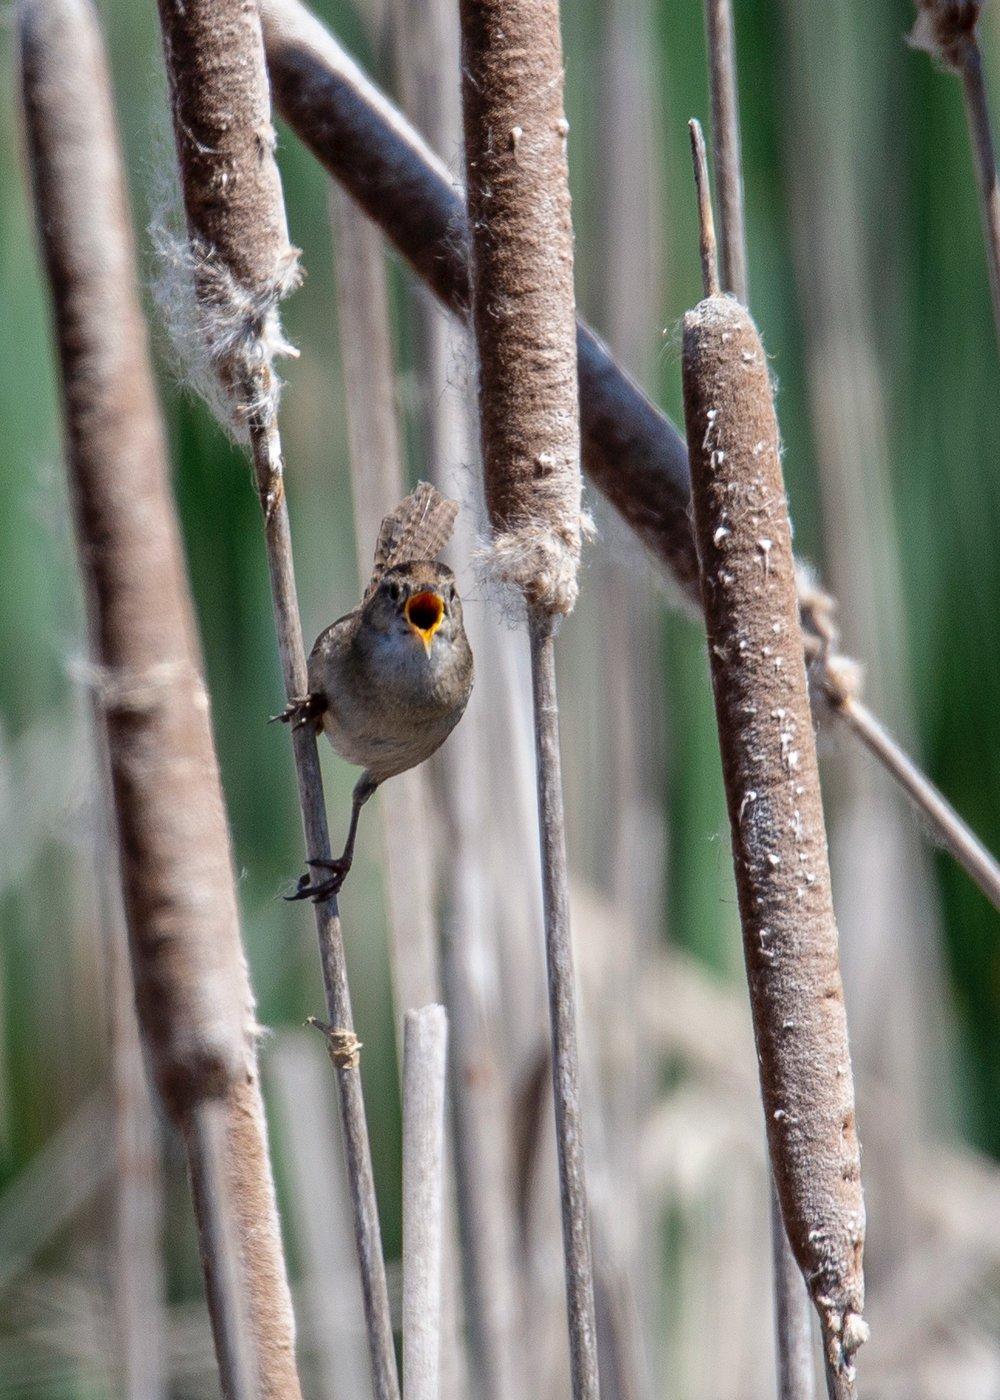 The marsh wren, giving me the business.